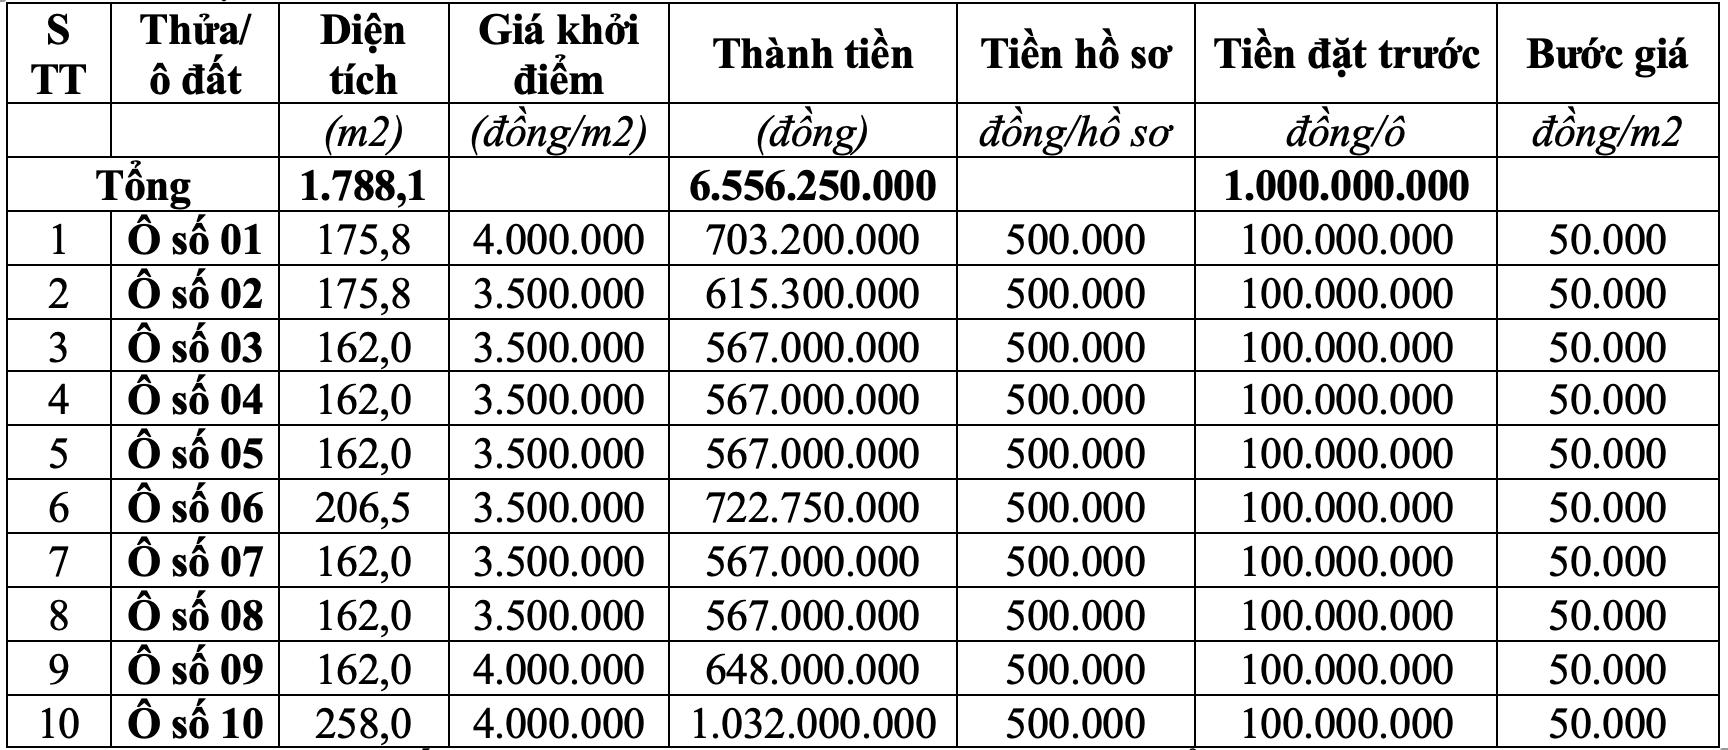 Đấu giá hơn 1.700 m2 đất tại huyện Lâm Thao, tỉnh Phú Thọ, giá khởi điểm từ 3,5 triệu đồng/m2 - Ảnh 1.